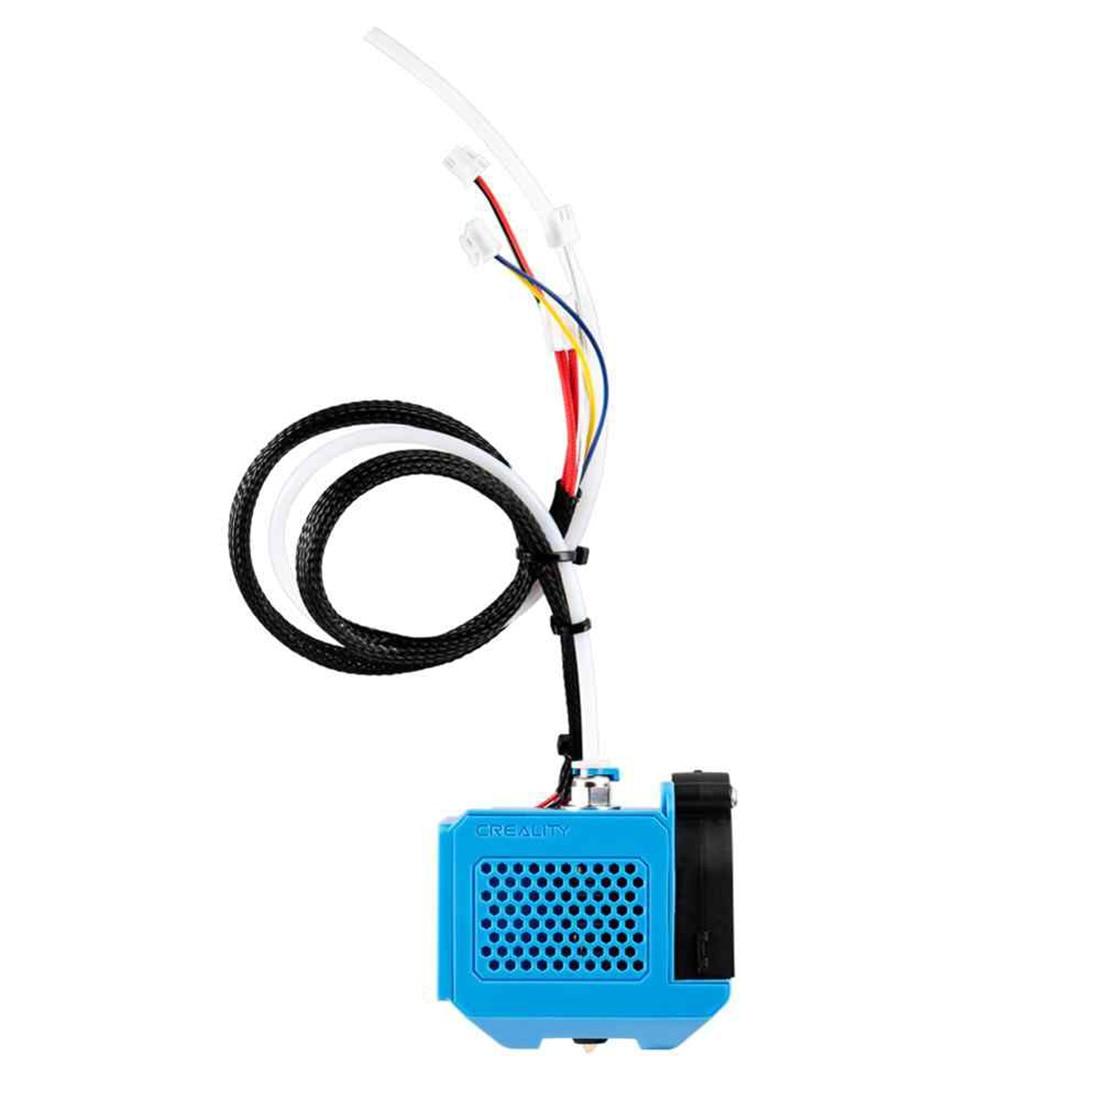 Creality3D كامل تصاعد الطارد عدة ل CR-10 V2 3d ملحقات الطابعة جزء مع 0.4 مللي متر الألومنيوم التدفئة فوهة